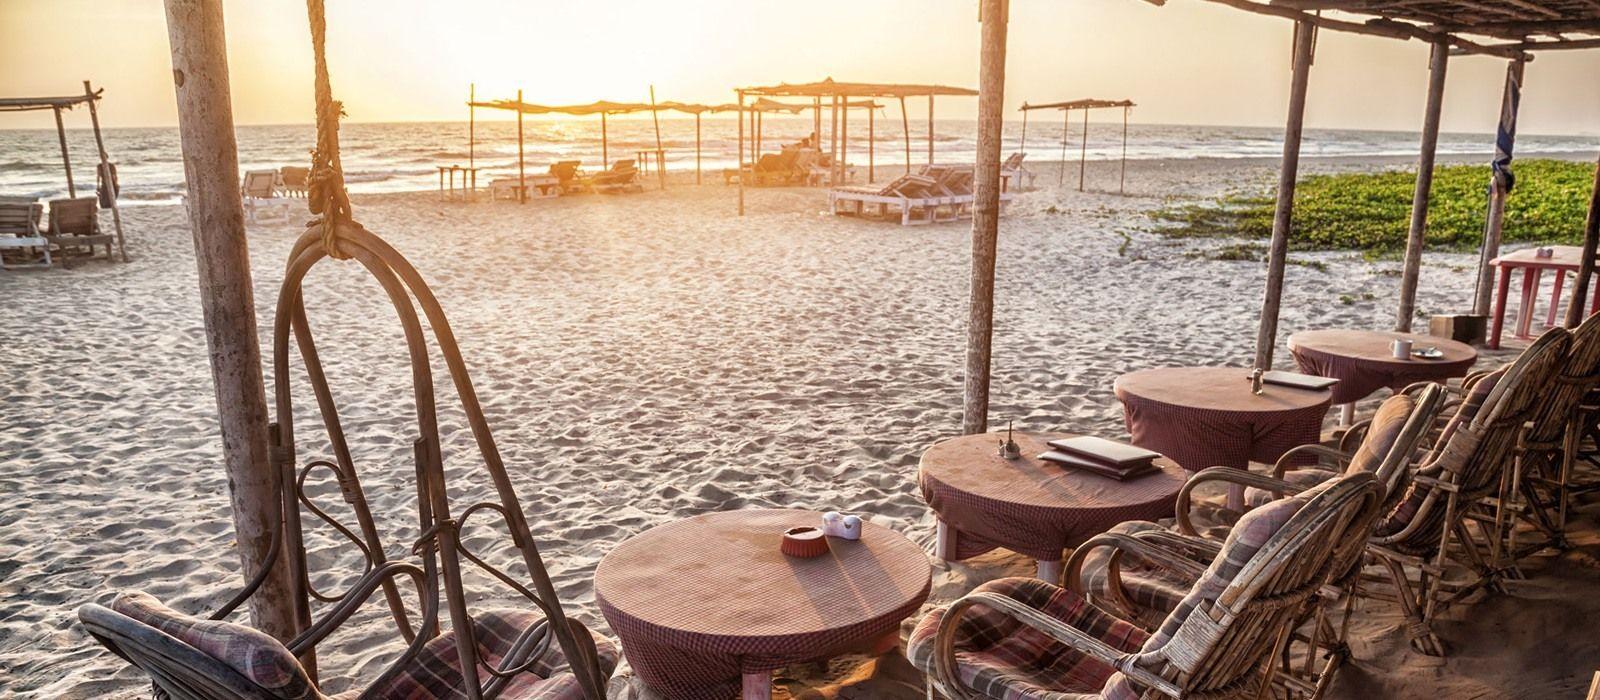 Indien: Goldenes Dreieck & Goa Urlaub Urlaub 2